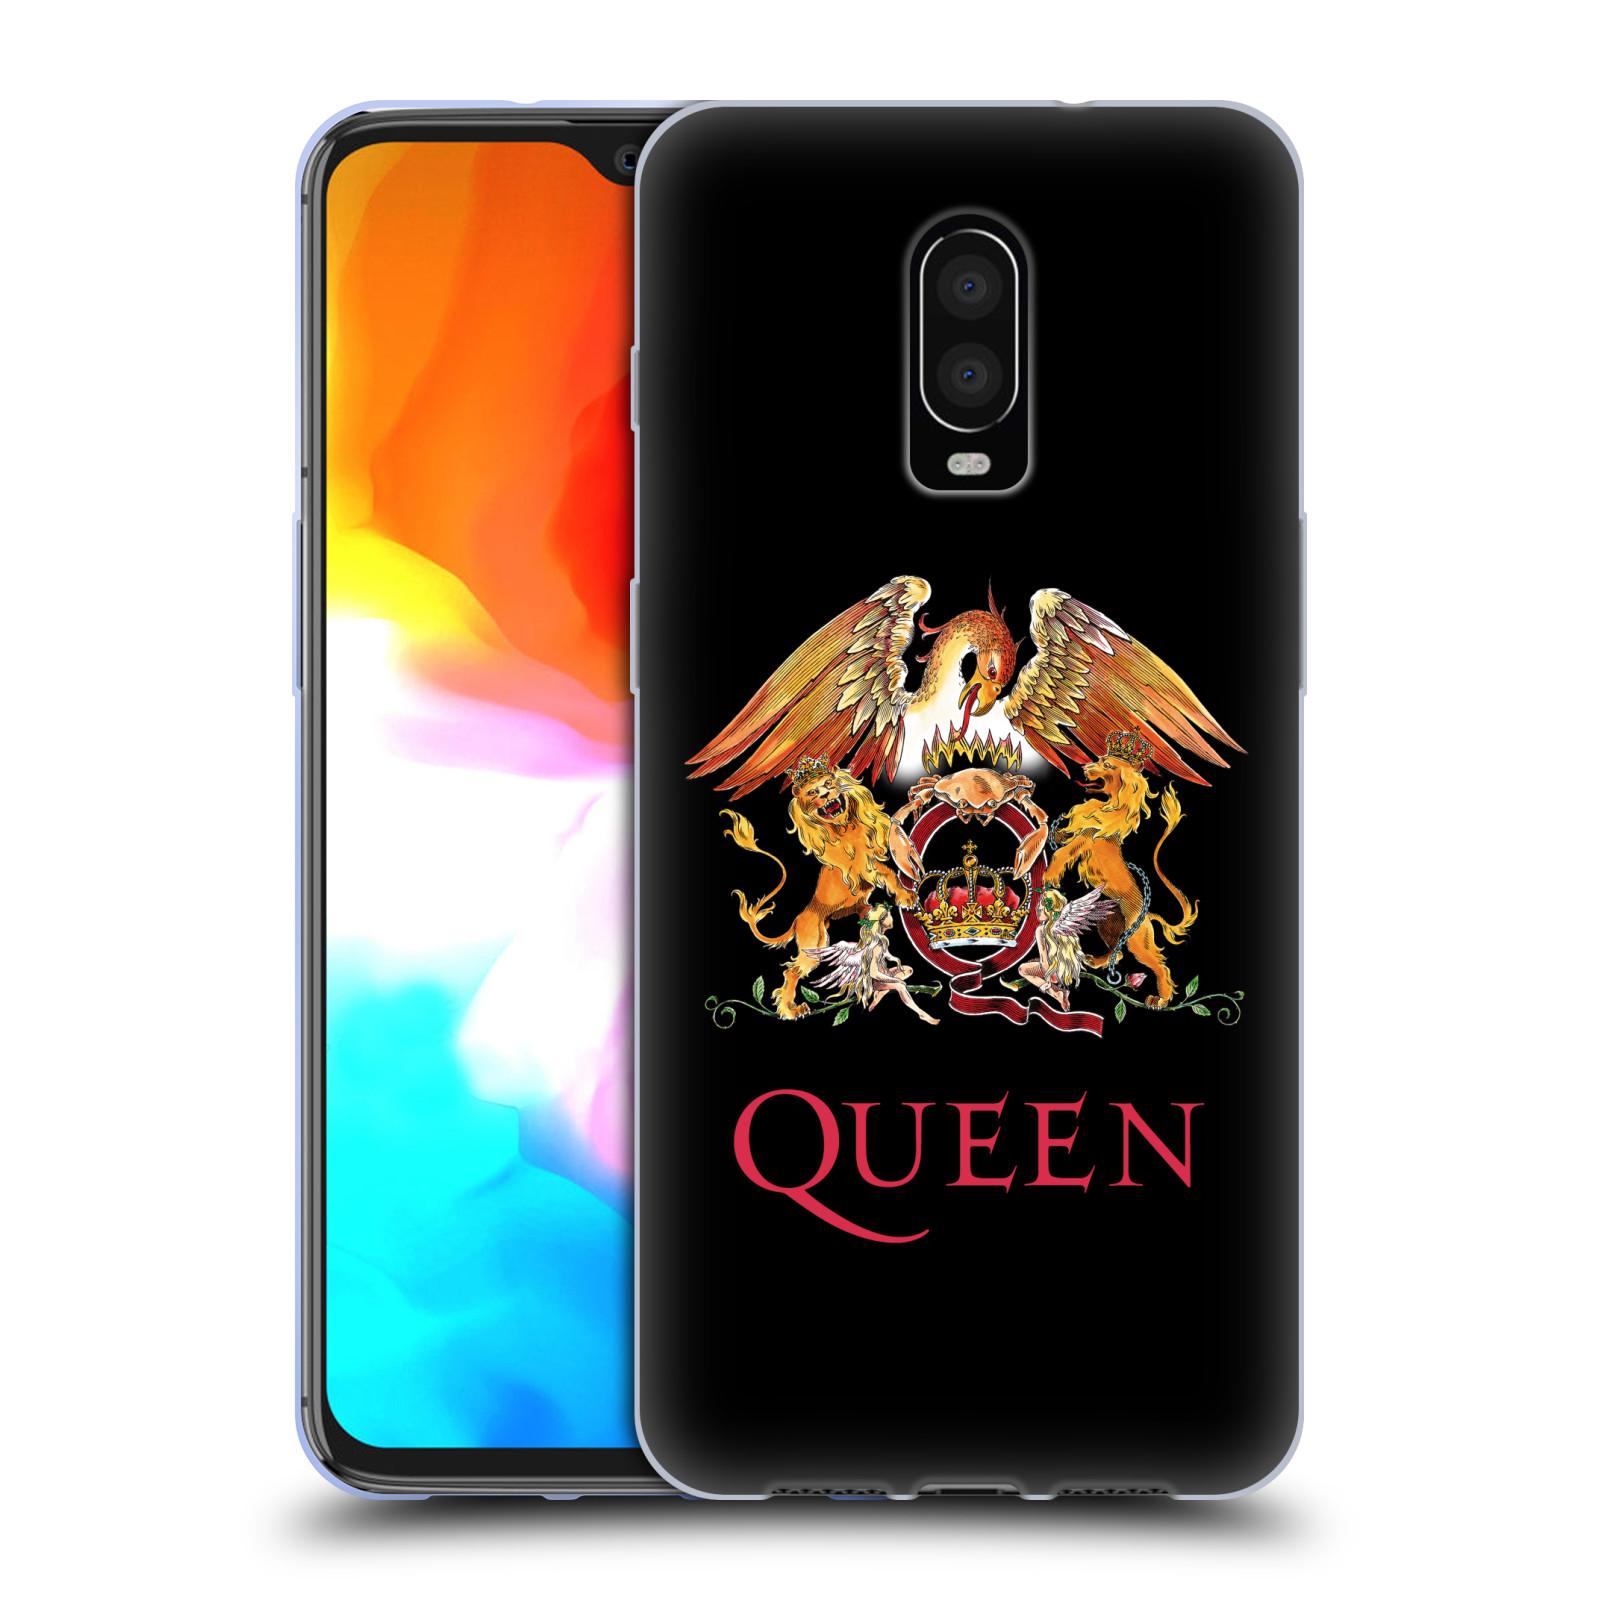 Silikonové pouzdro na mobil OnePlus 6T - Head Case - Queen - Logo